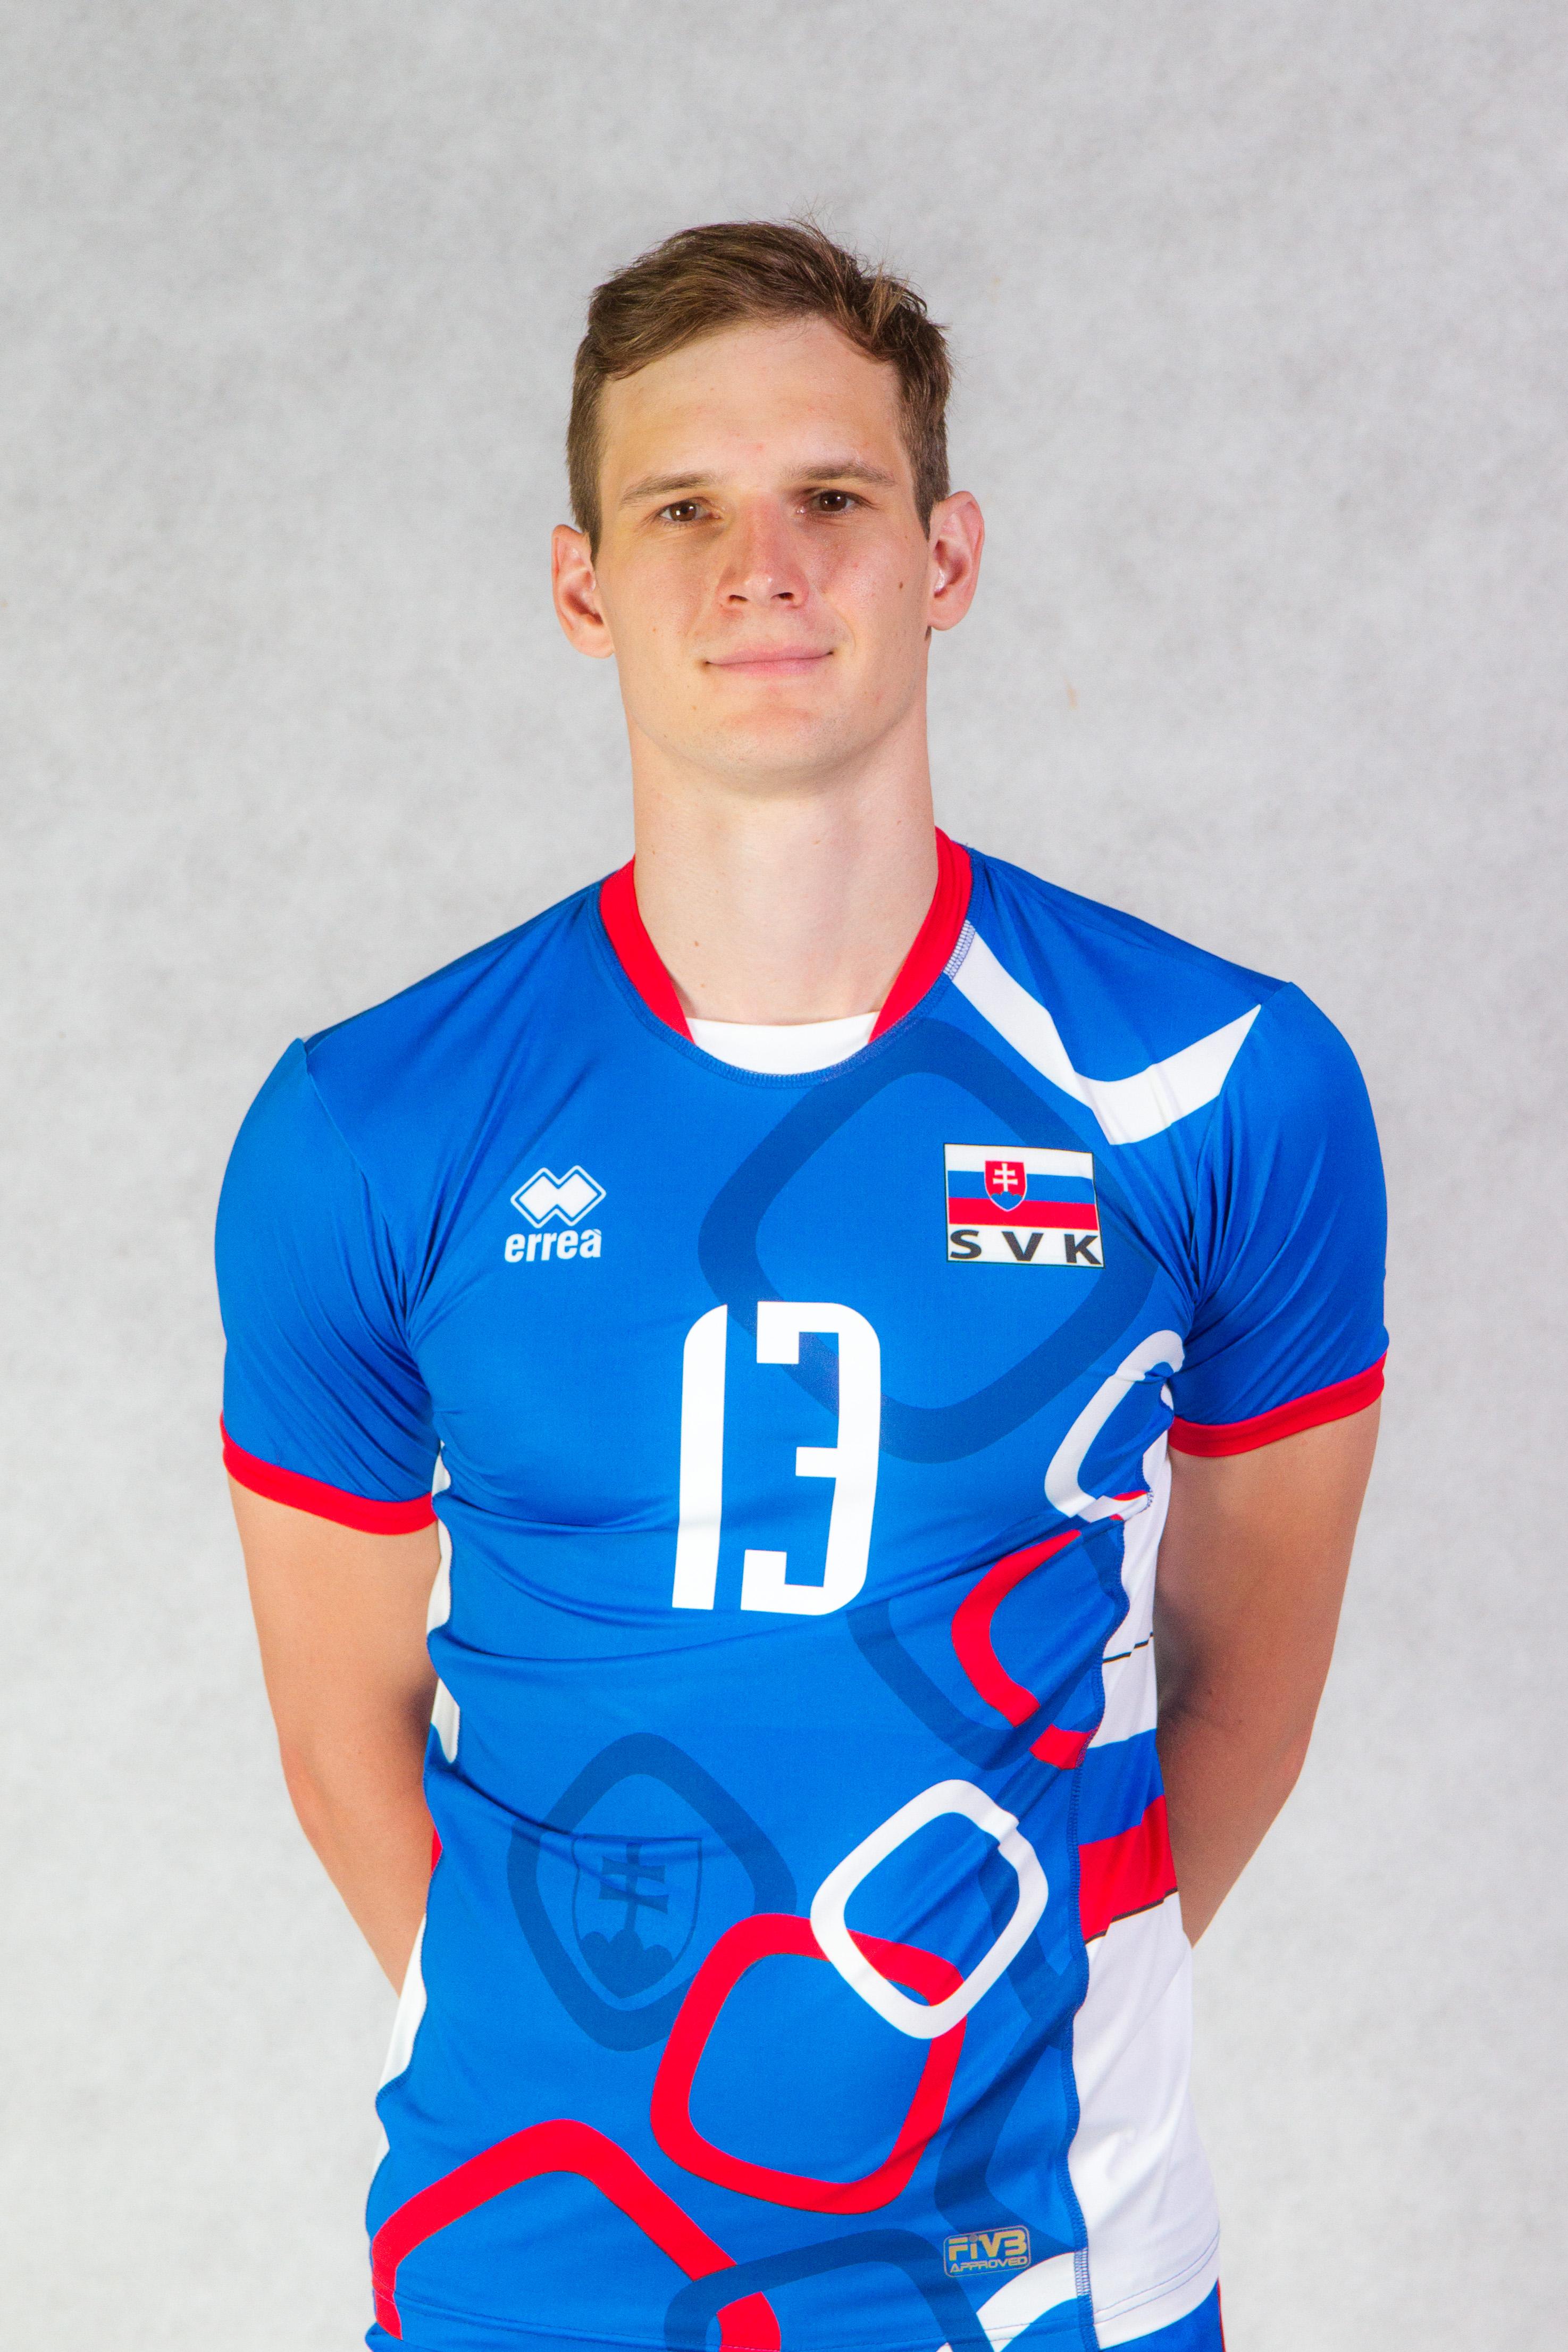 Stefan Chrtiansky